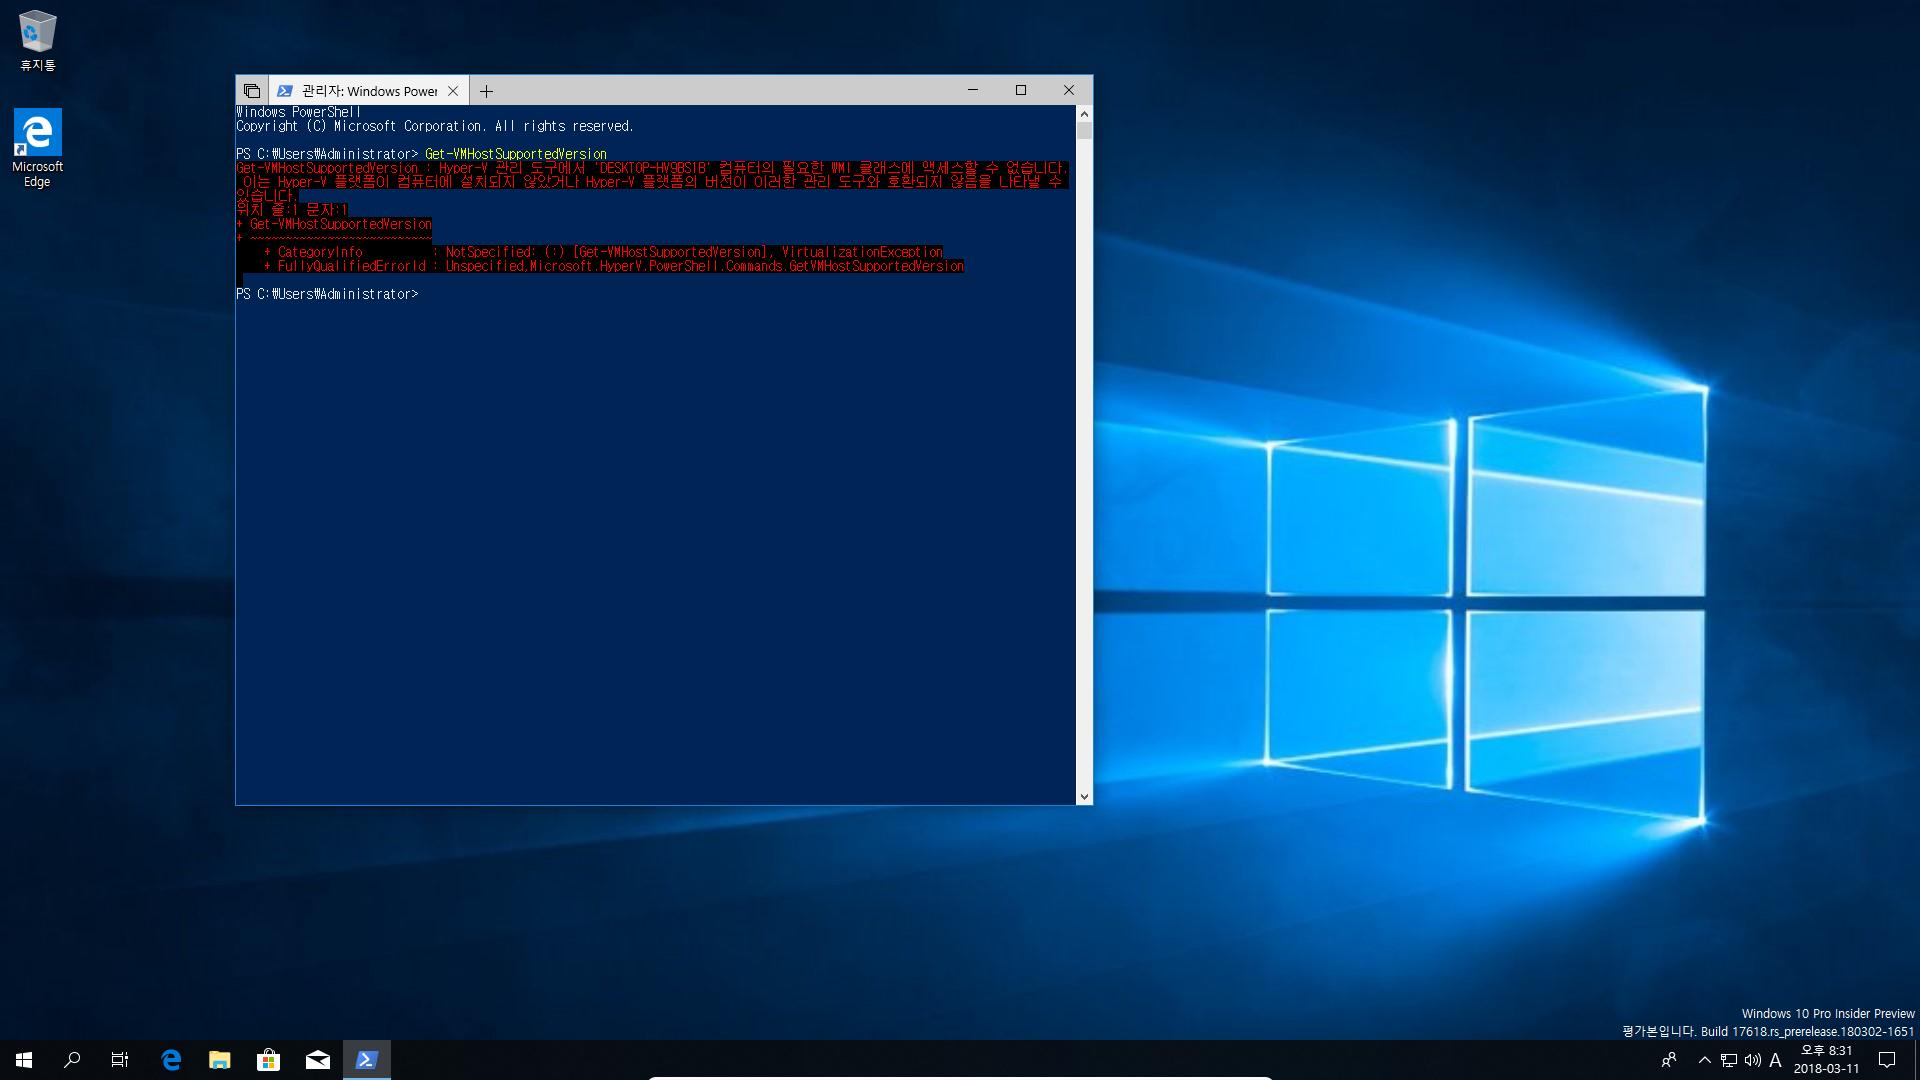 윈도10 버전1803 레드스톤4 명칭이 Windows 10 Spring Creators Update 라는 증거는 레드스톤5 17618 빌드에서 Get-VMHostSupportedVersion 근데 그냥은 에러 뜨네요 Hyper-V 설치해야 - 재부팅해야 -실패2018-03-11_203242.png